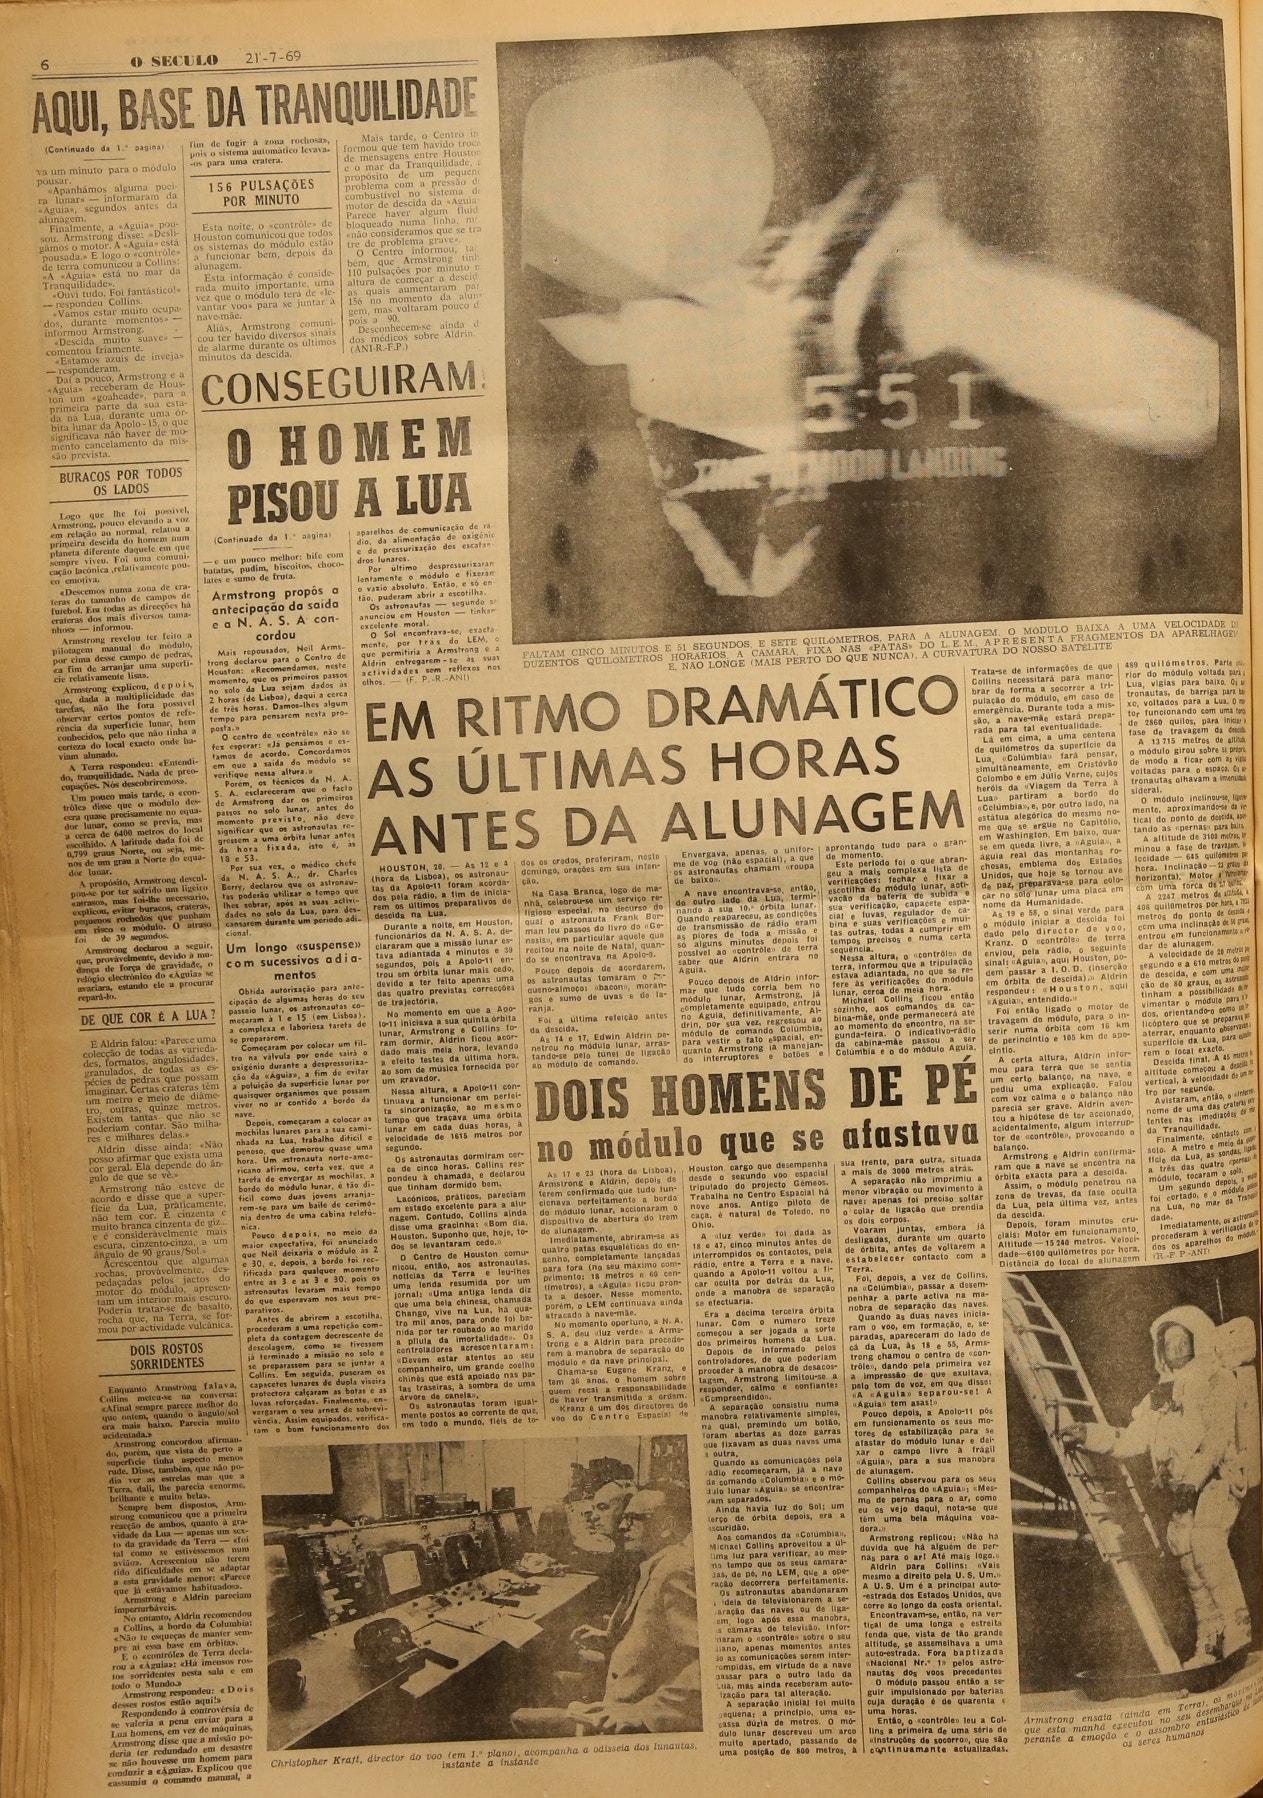 """Jornal """"O Século"""" (21 julho 1969)"""